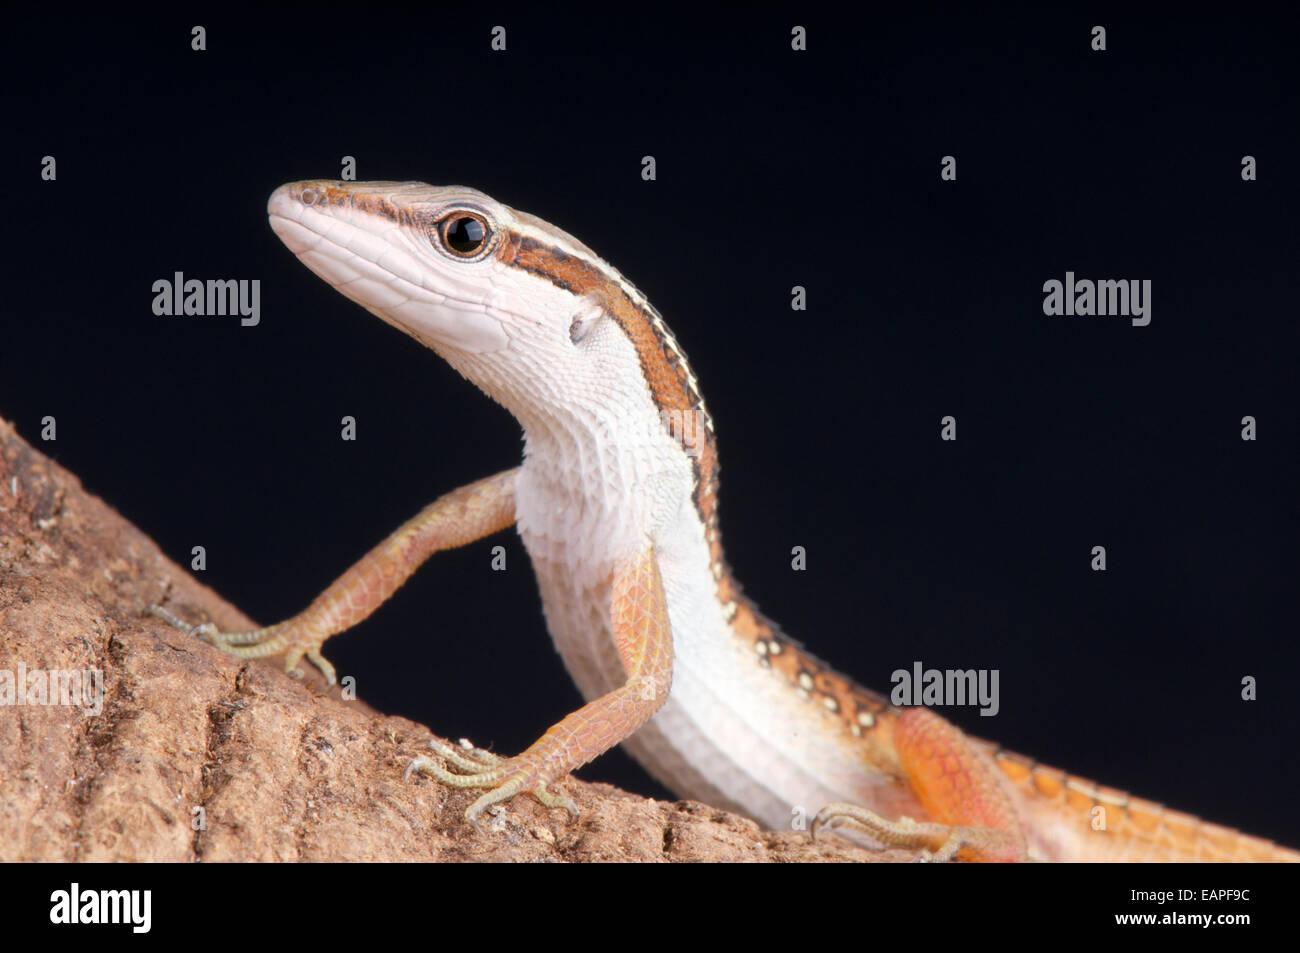 Spotted grass lizard / Takydromus sexlineatus occelatus - Stock Image